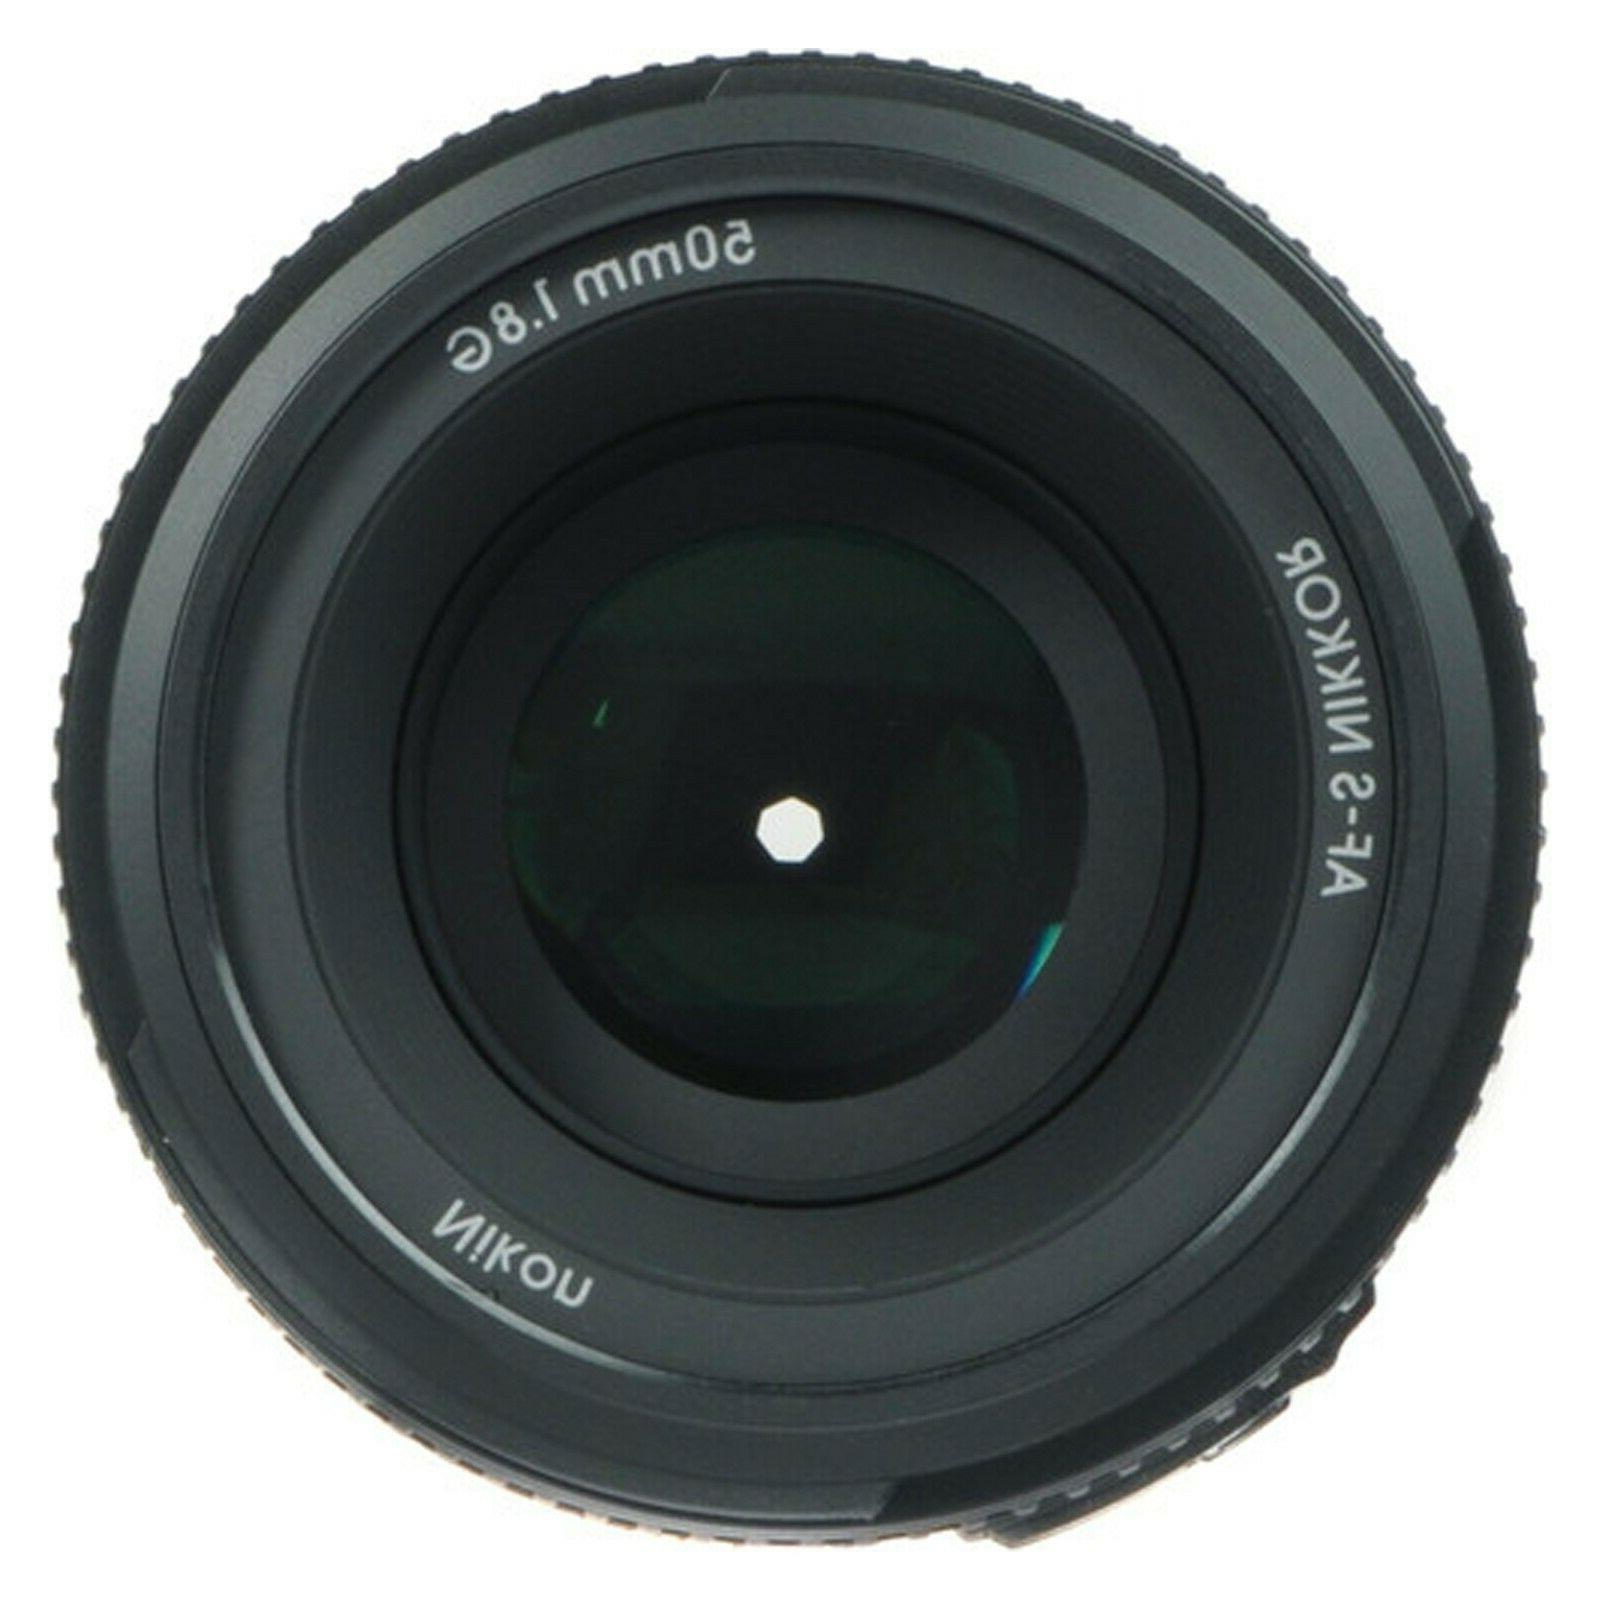 Nikon 50mm NIKKOR Lens for Digital